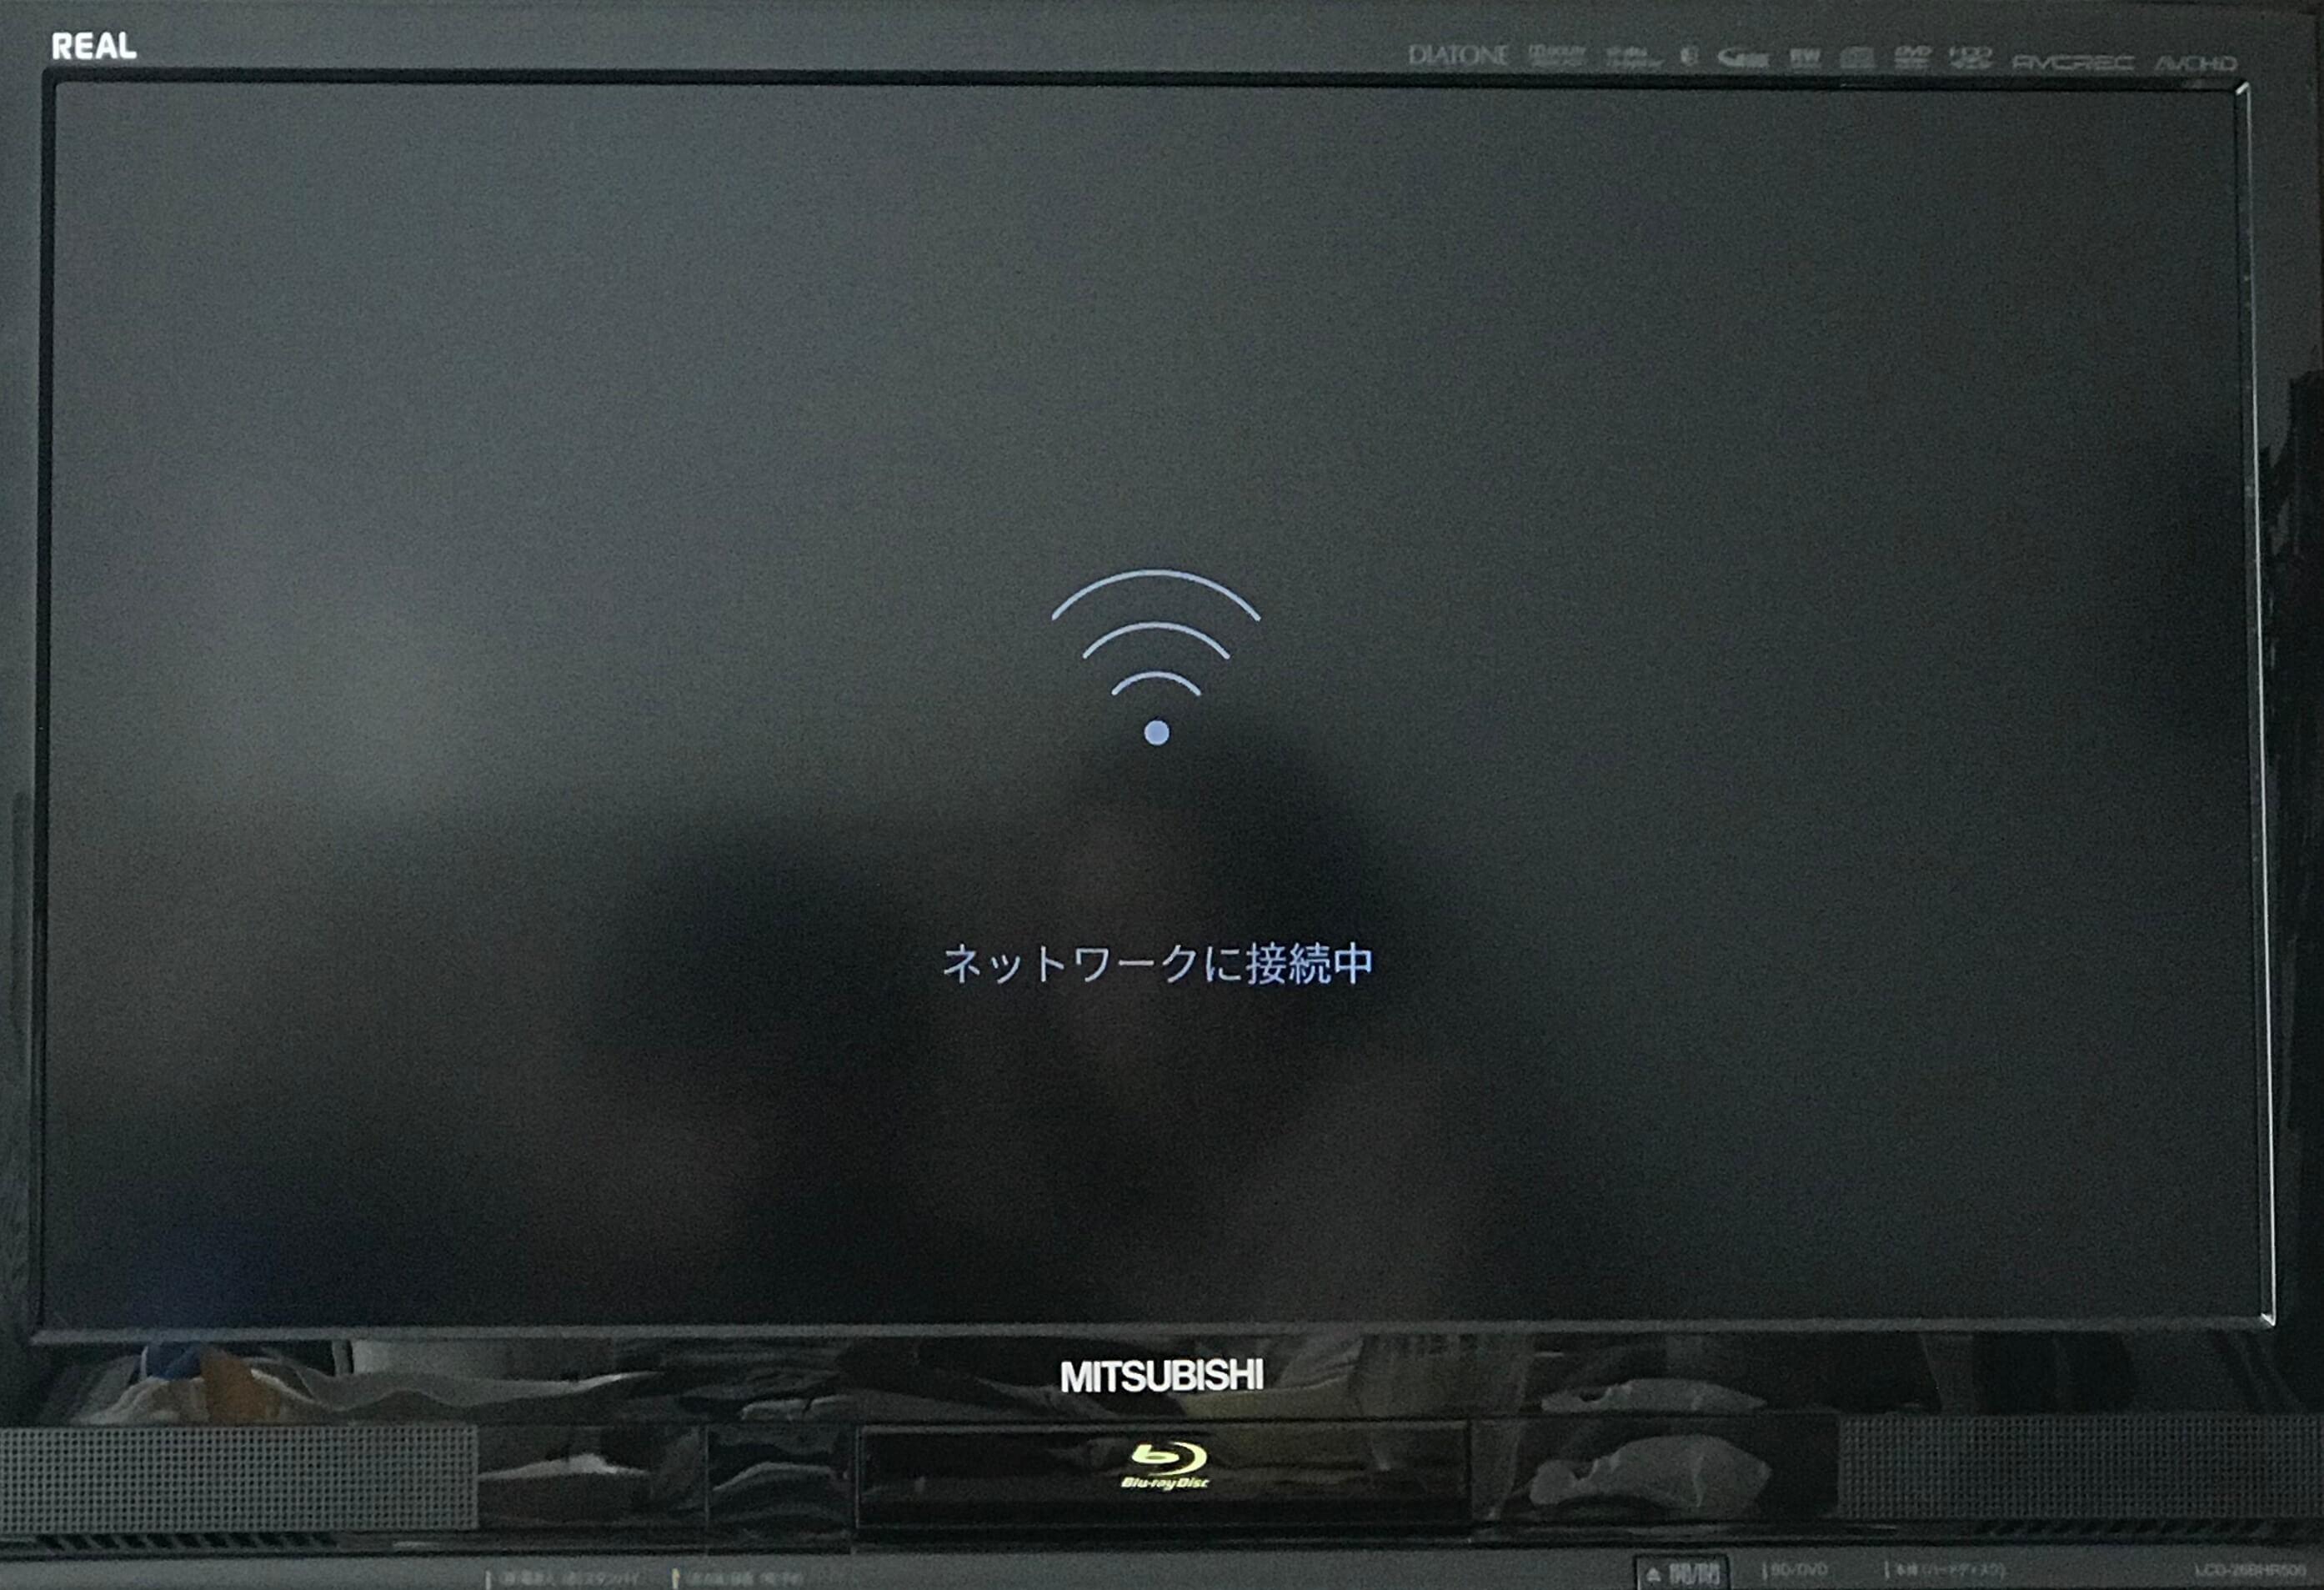 Fire-TV-Stick-4k-設定4